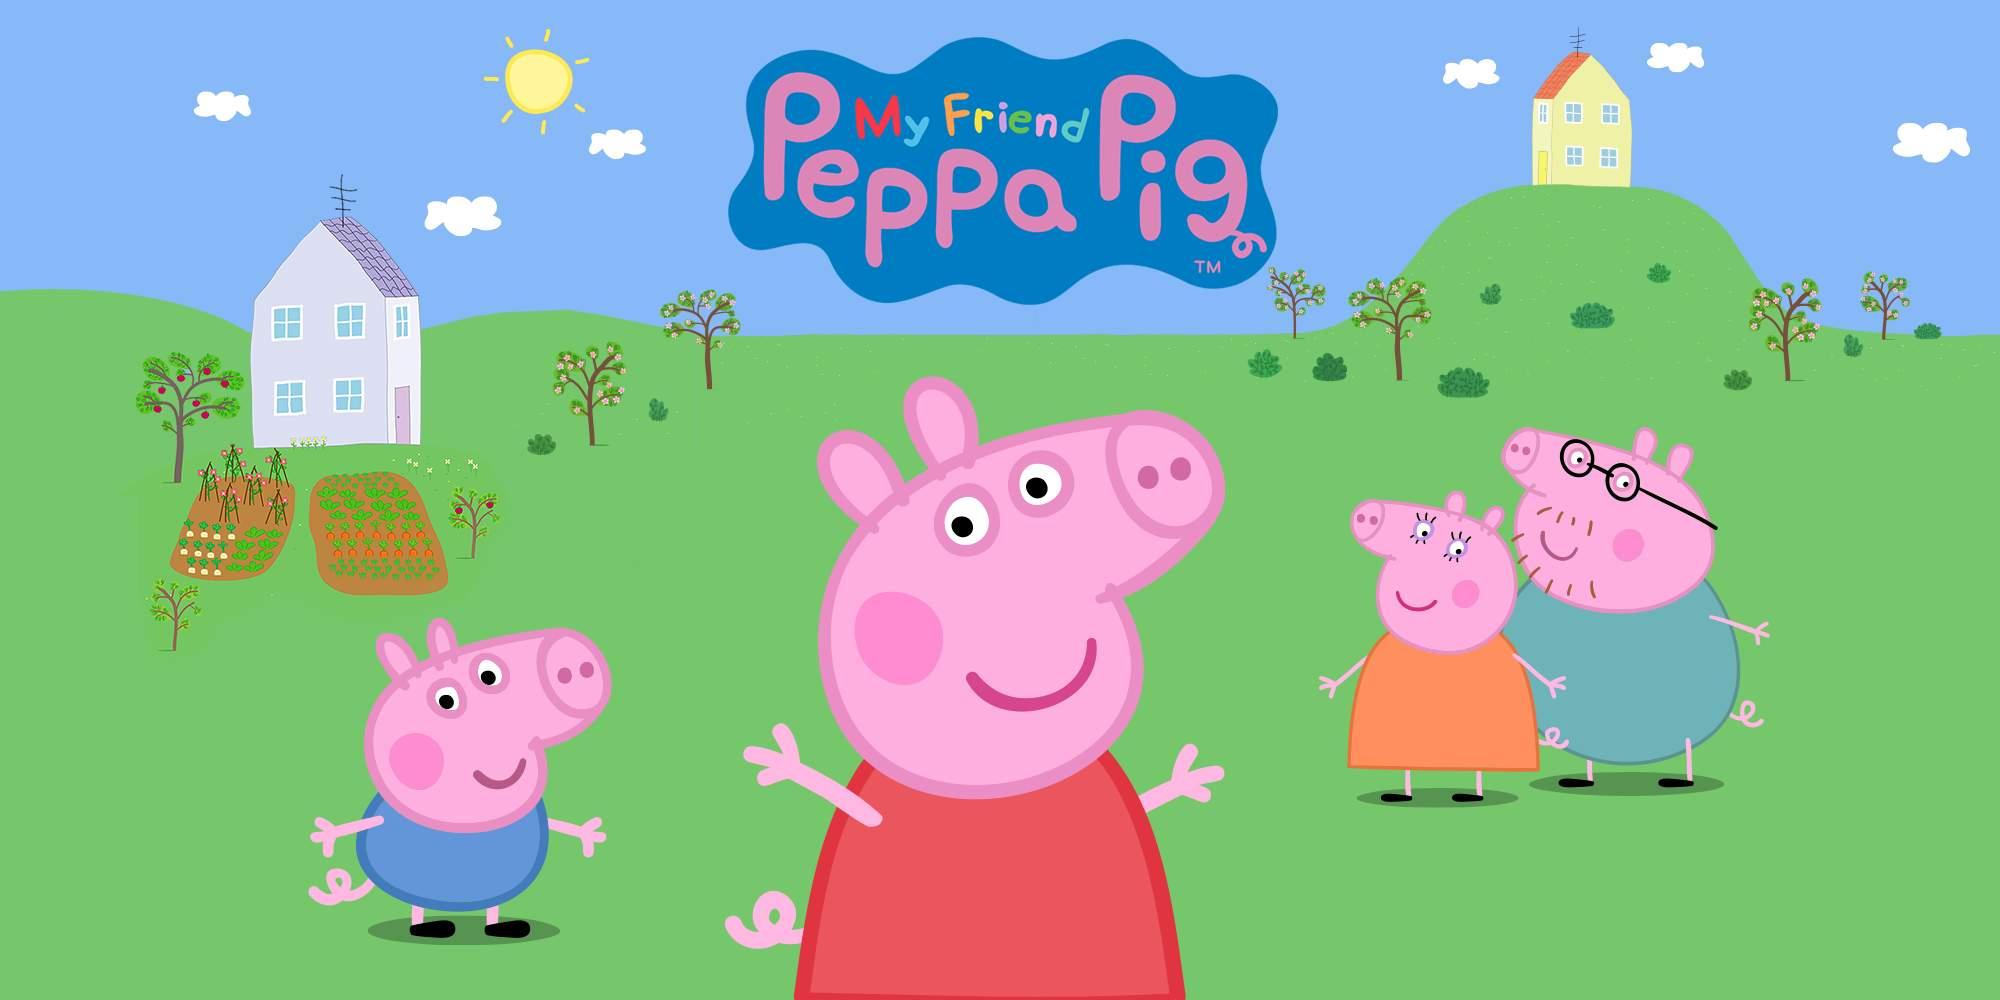 PEPPA PIG IL VIDEOGIOCO ARRIVA PER CONSOLE QUEST'AUTUNNO